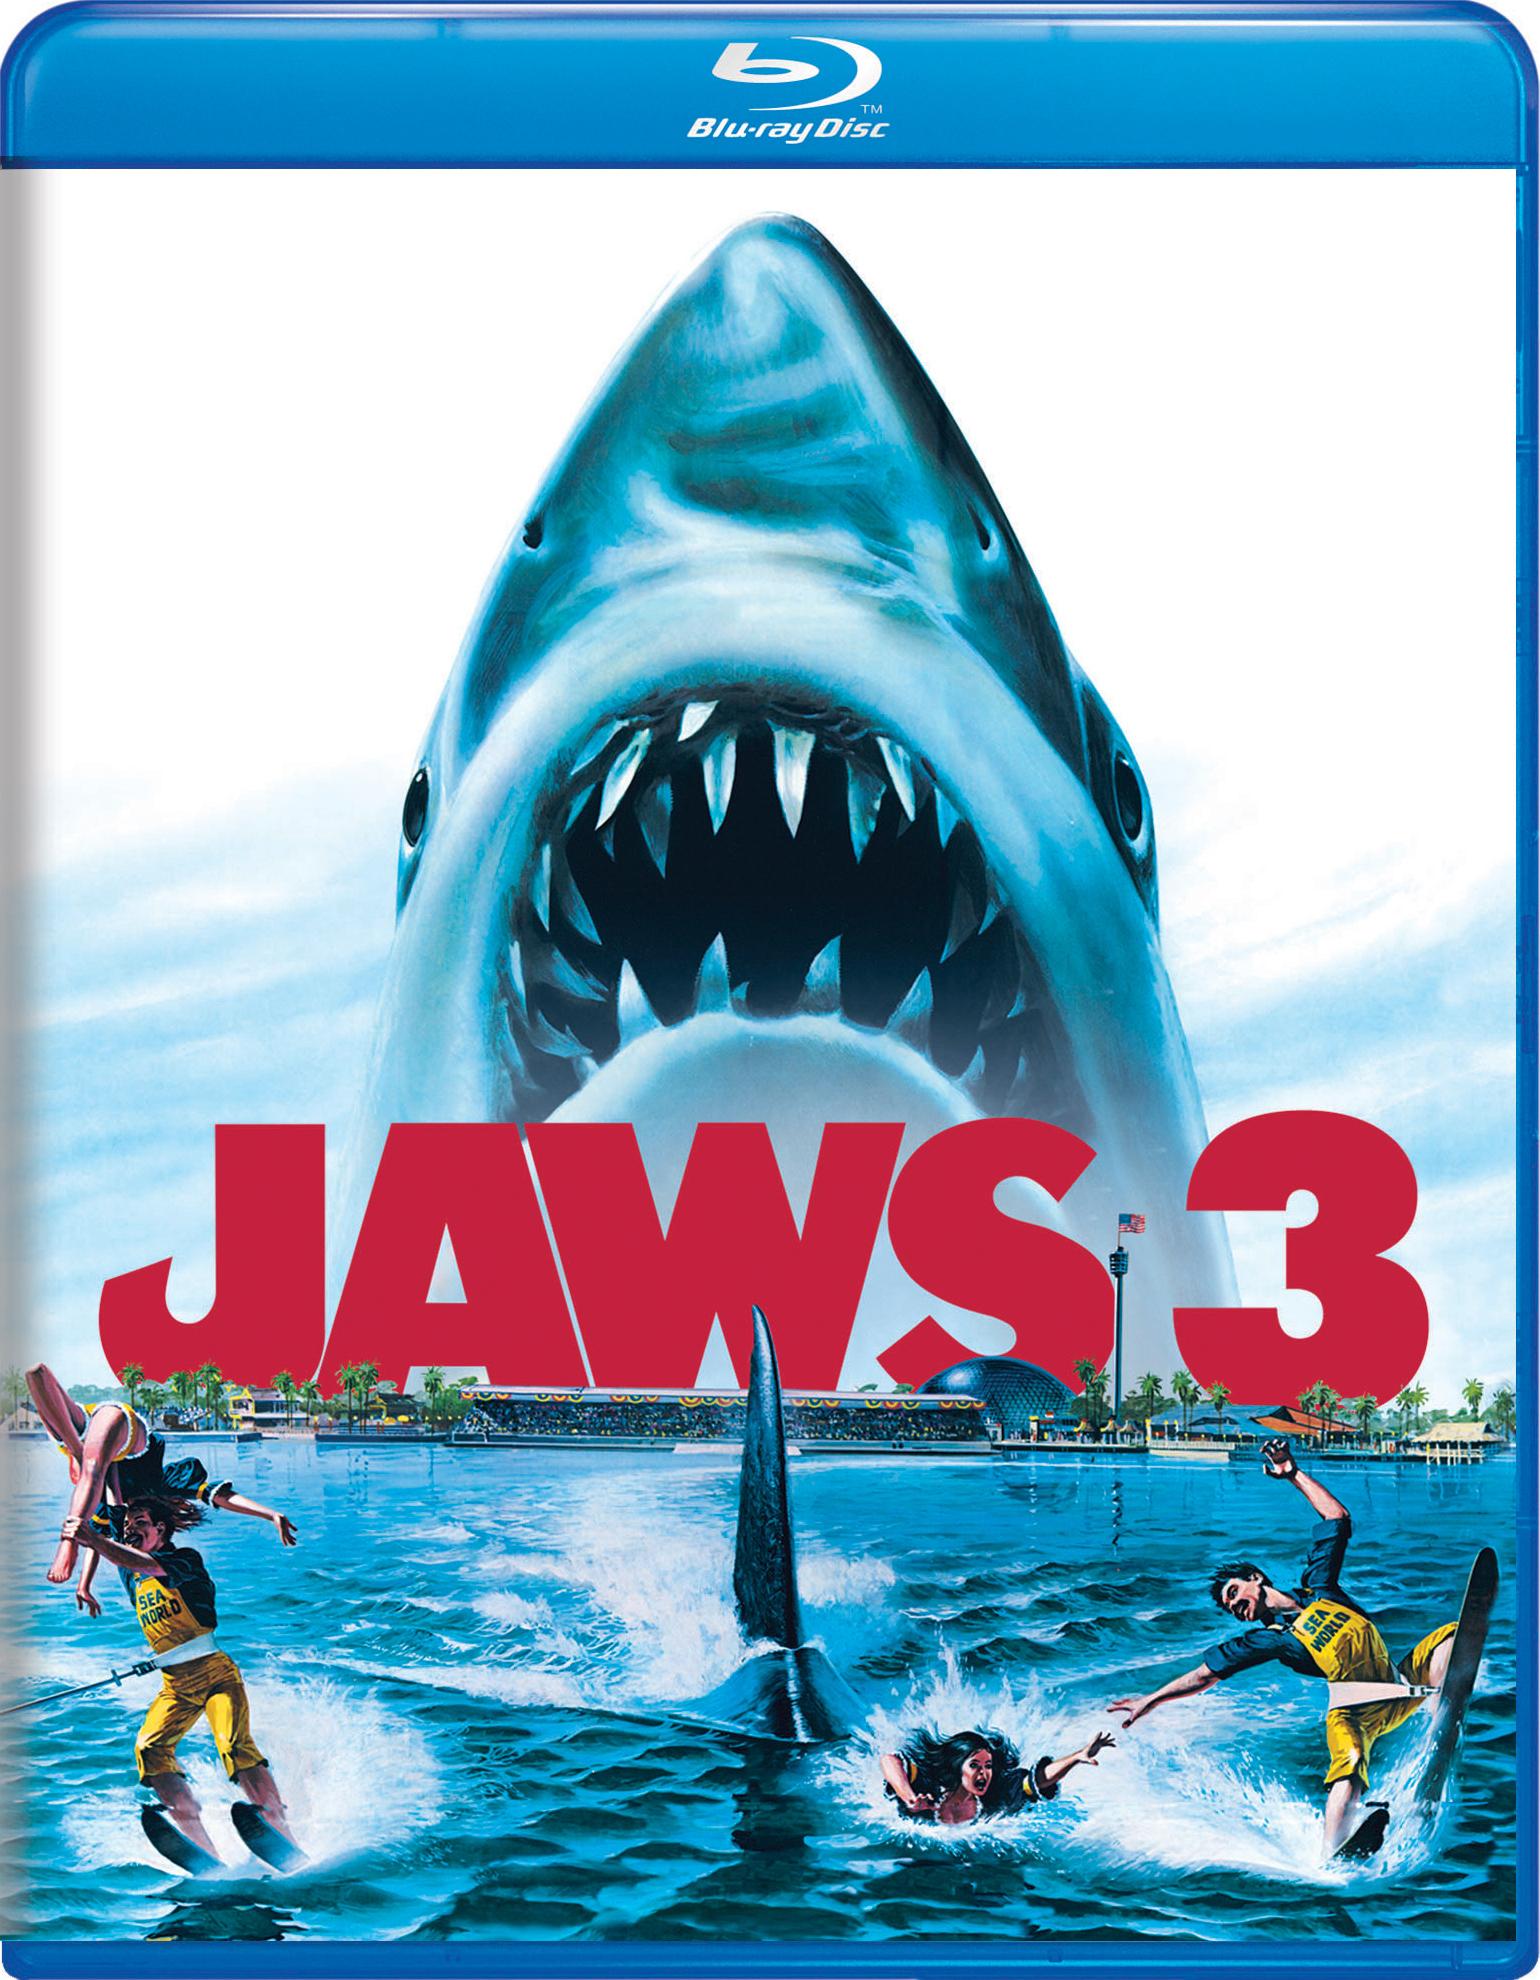 Jaws 3 [Blu-ray 3D + Blu-ray] $9.77 @ Amazon